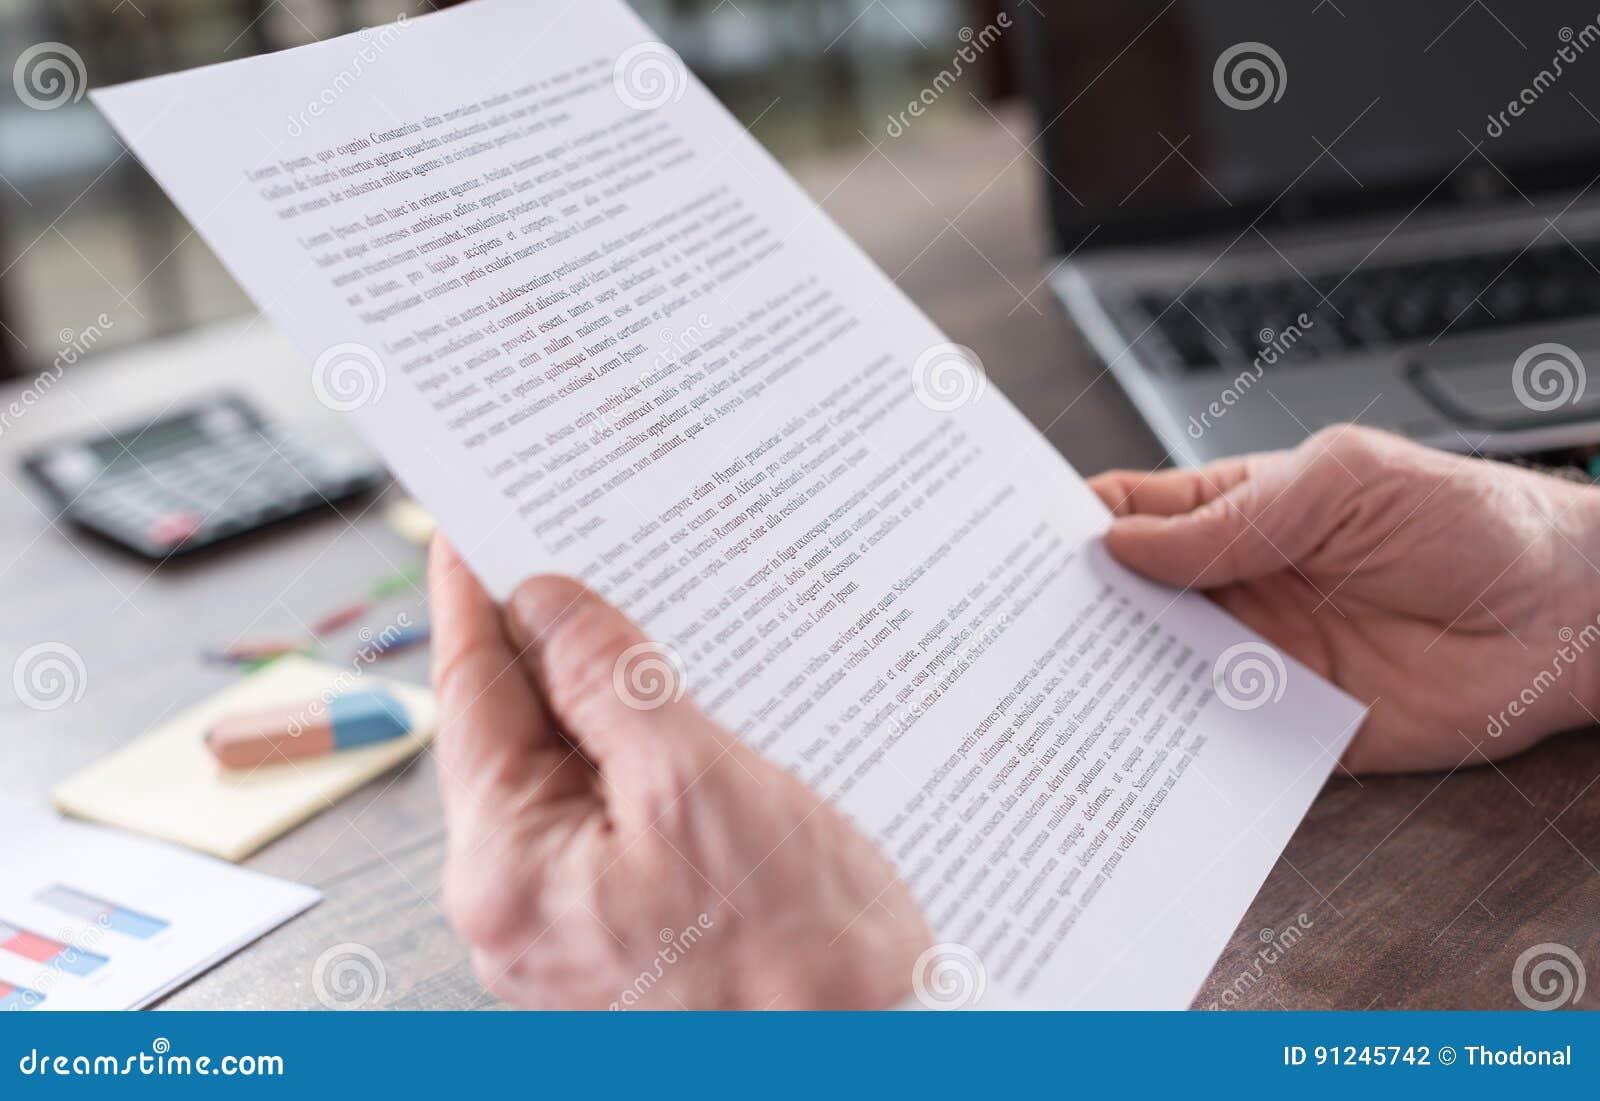 Comprobación de un documento